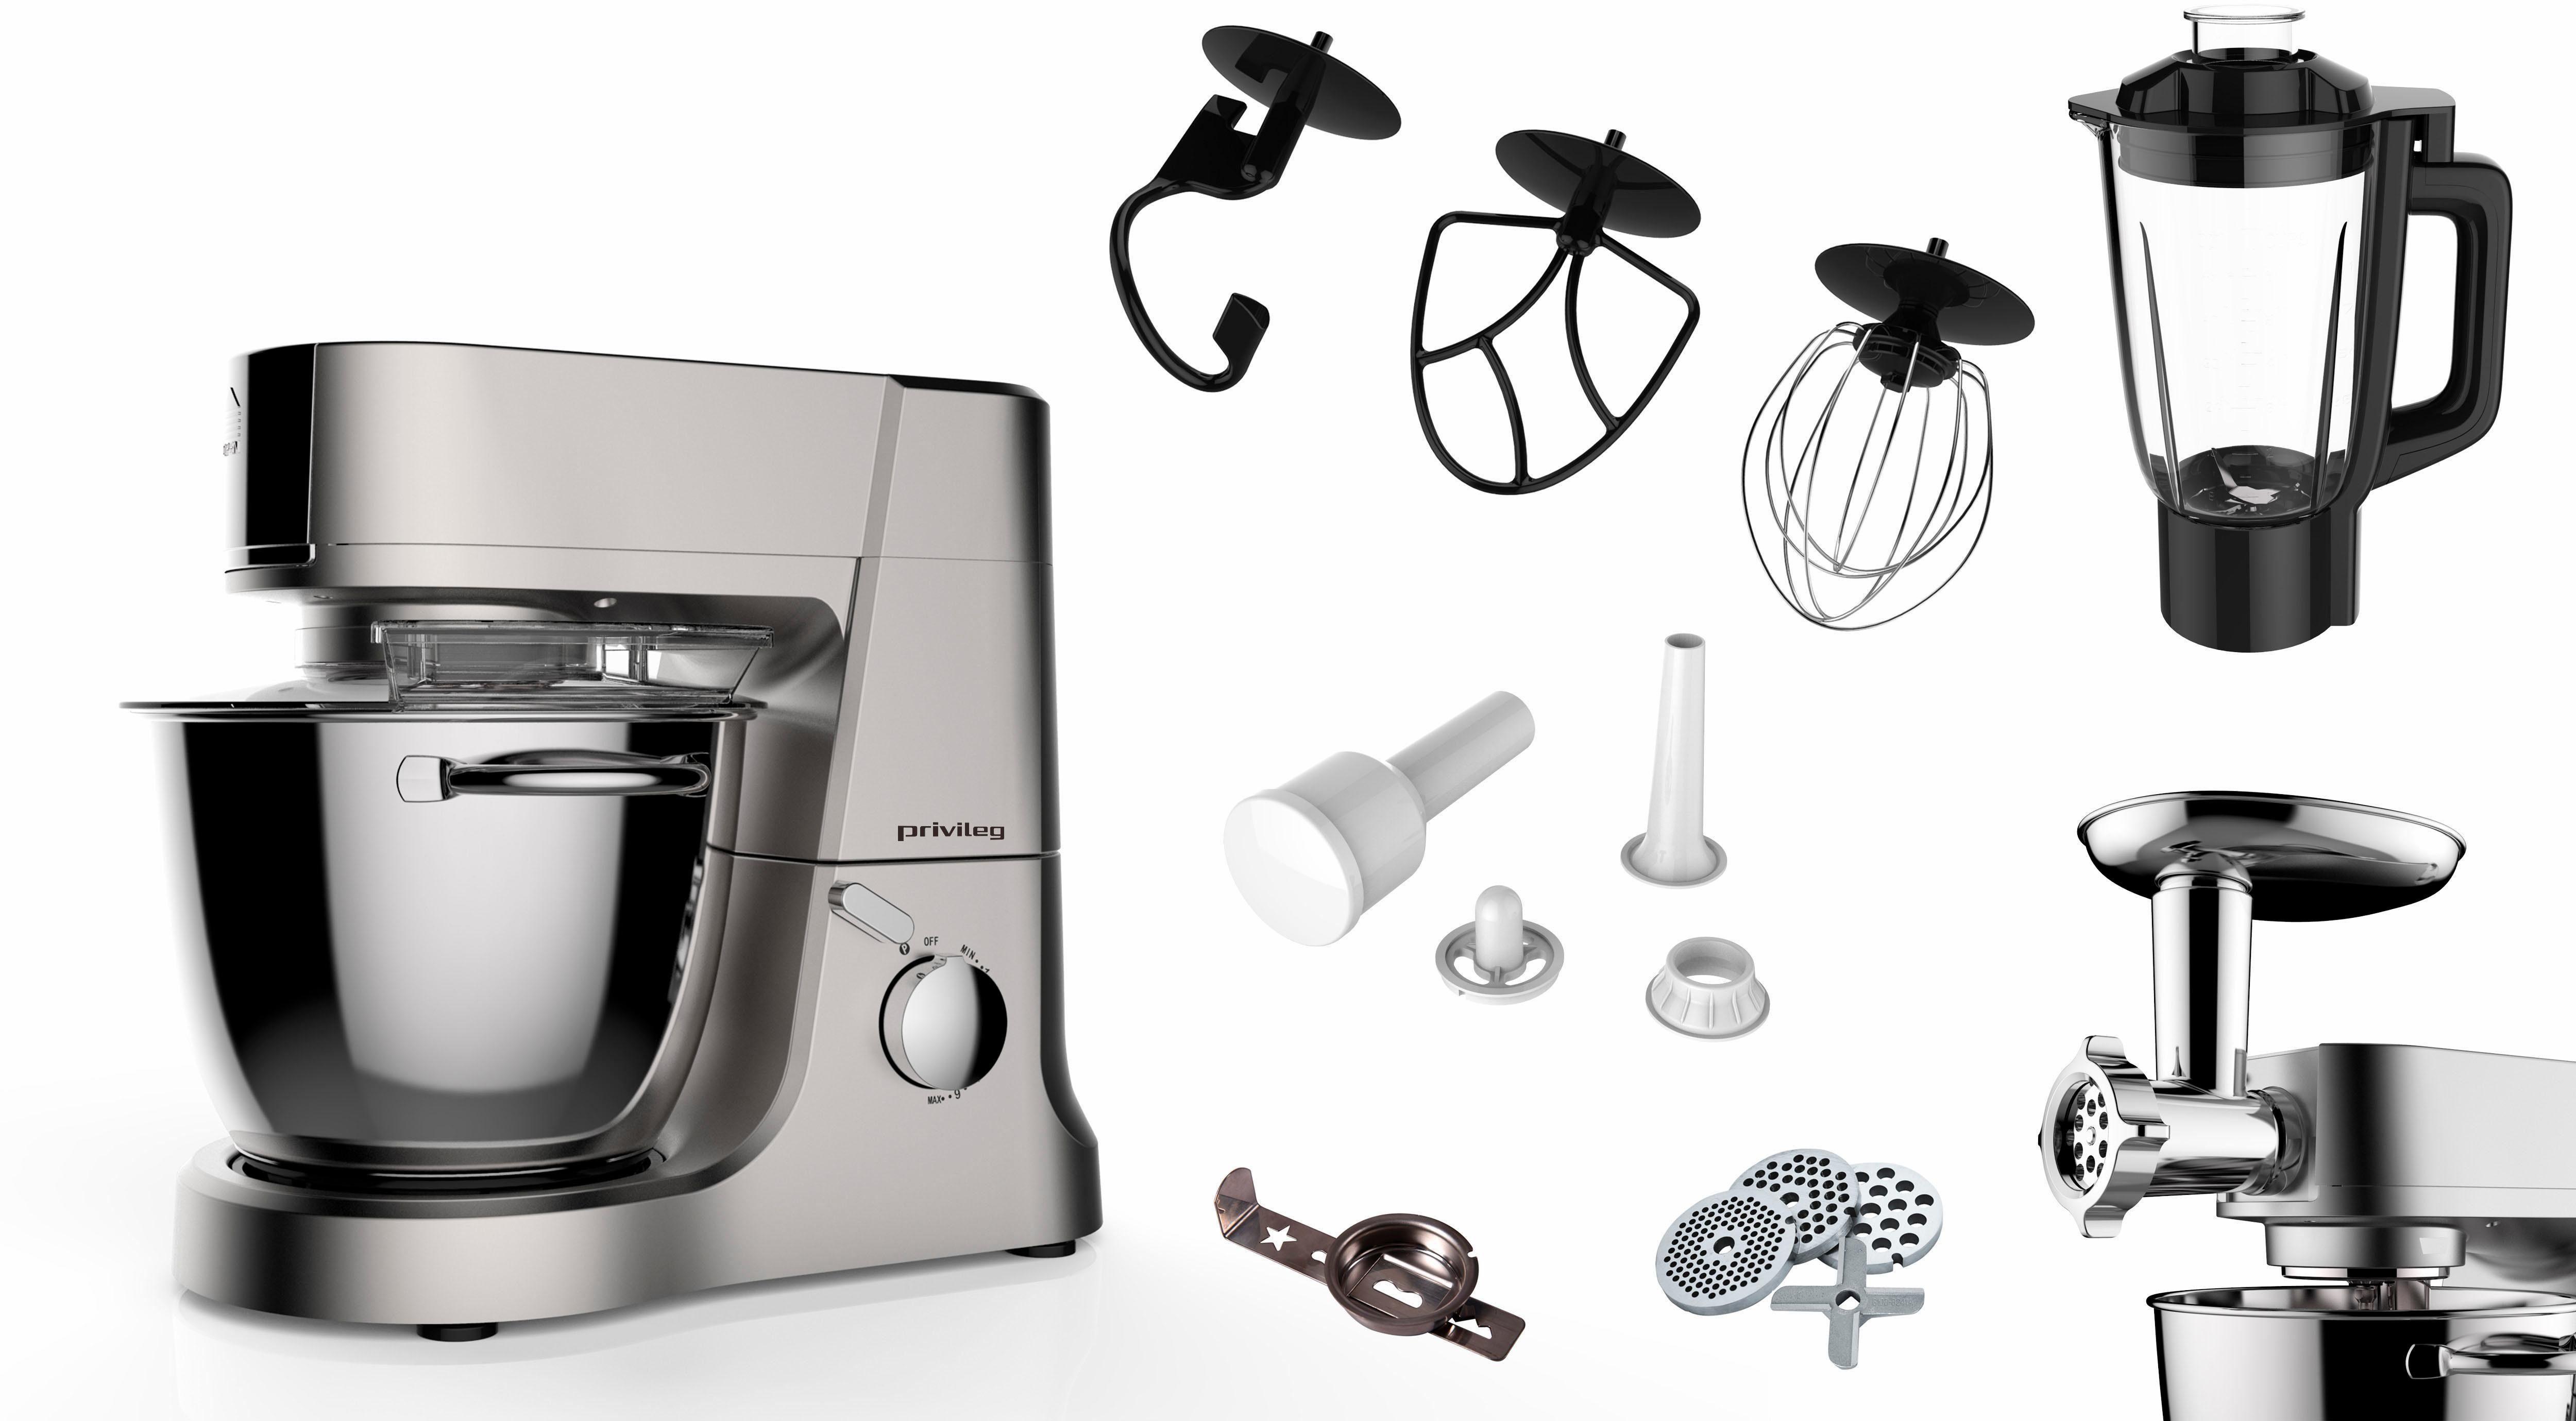 Privileg Multifunktions-Küchenmaschine mit großer Edelstahlschüssel und umfangreichem Zubehör